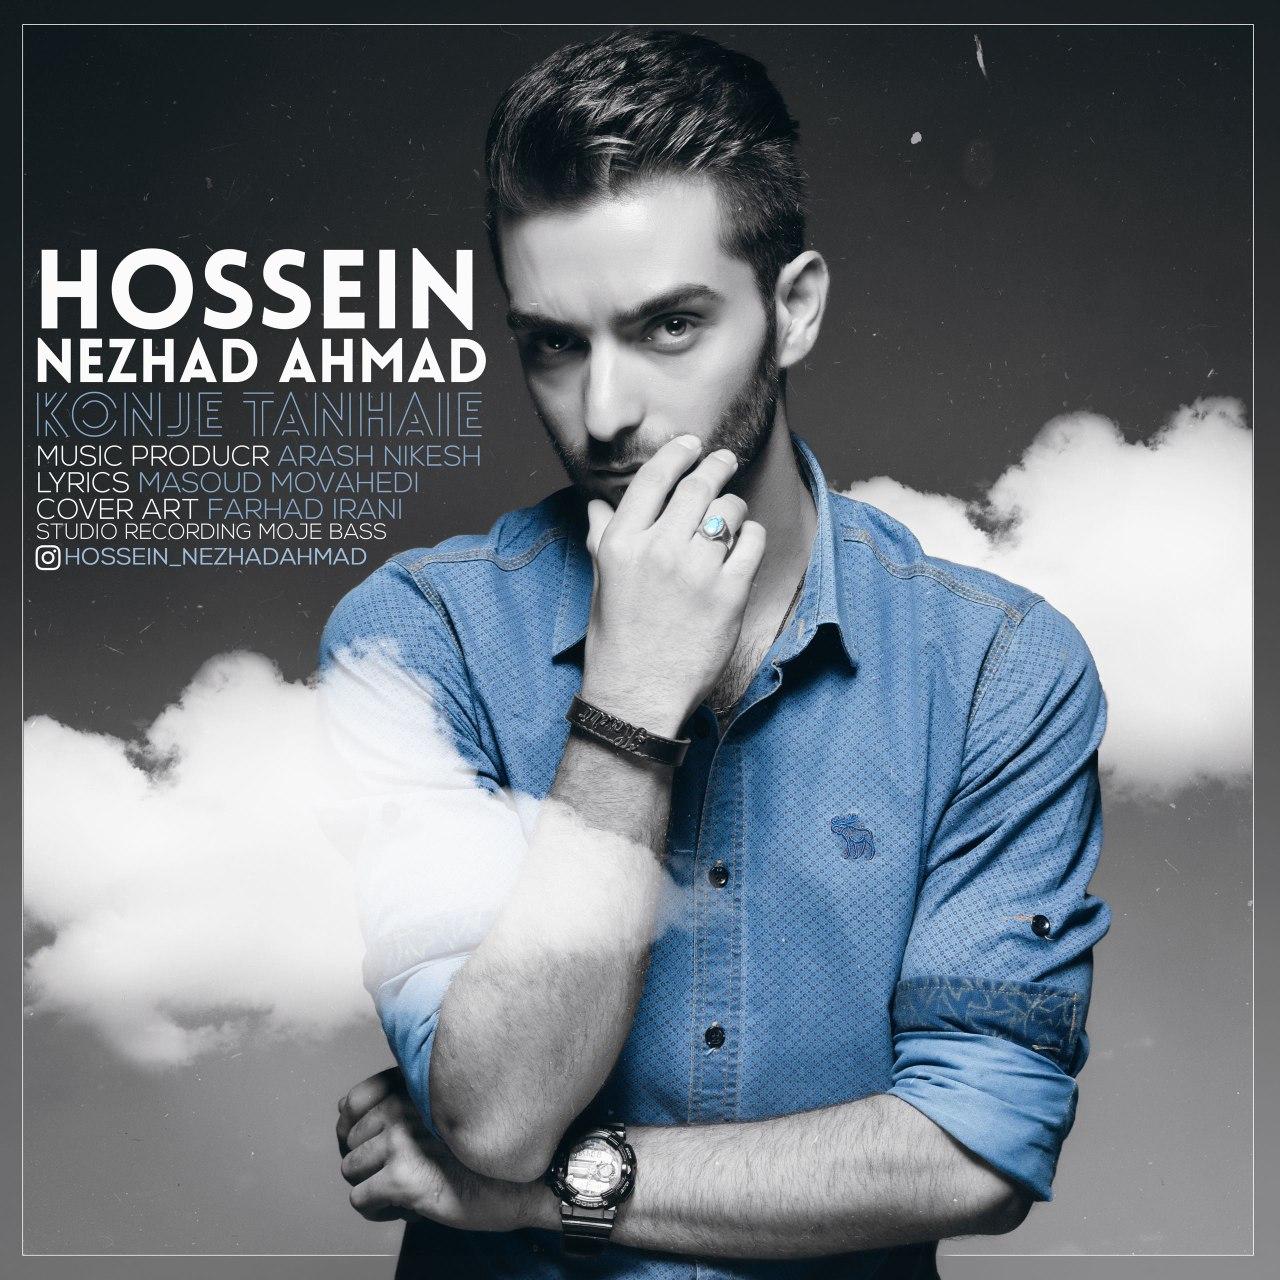 Hossein Nezhad Ahmad – Konje Tanhaei